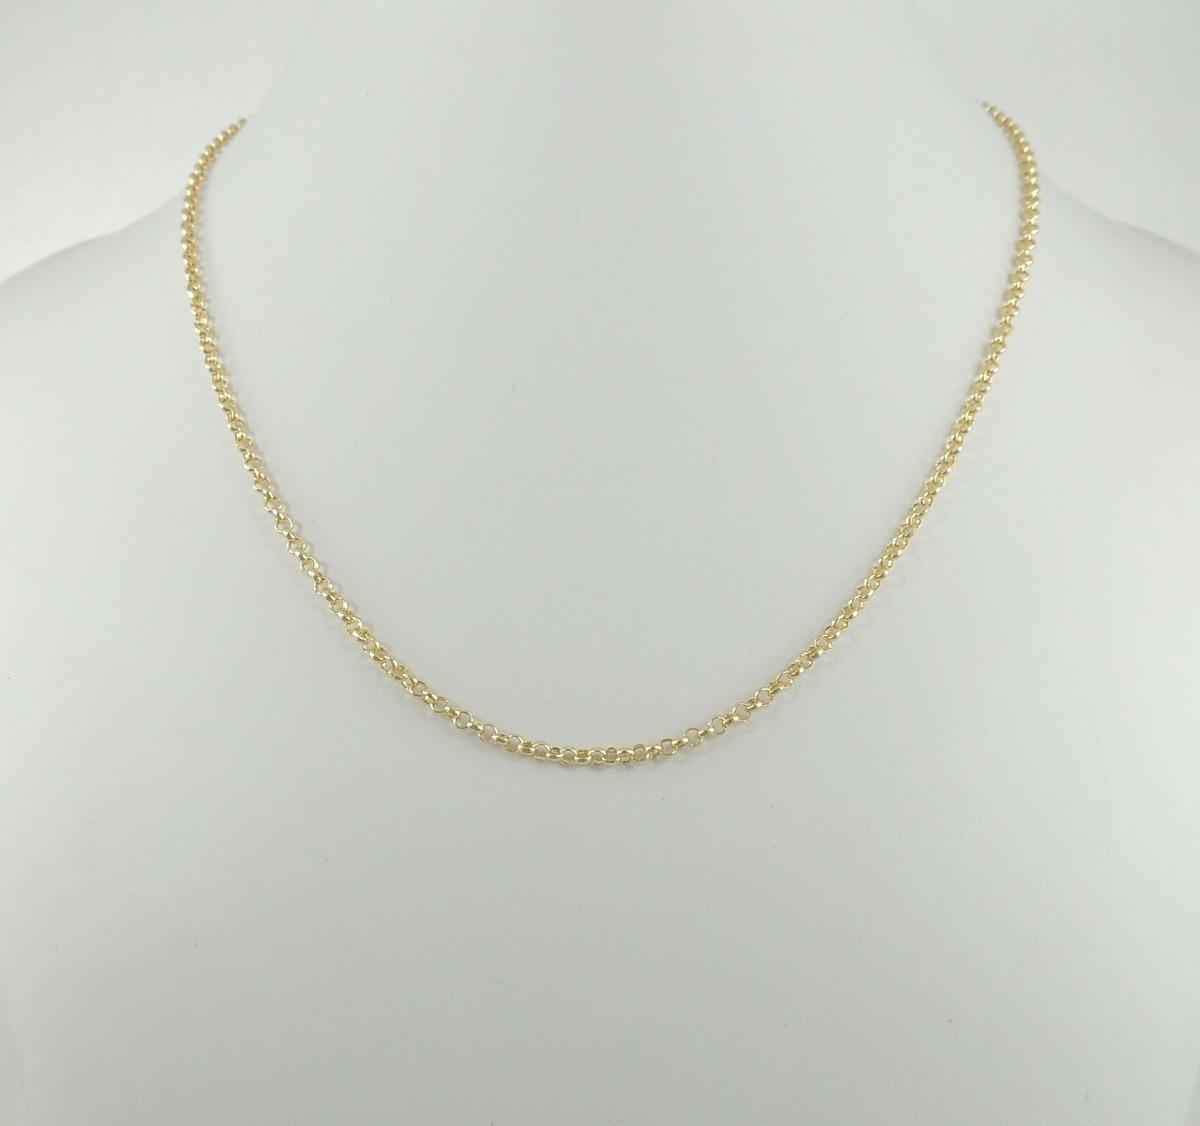 10c16fdadf834 gargantilha cordão elo português 2,5mm colar 50cm ouro 18k. Carregando zoom.